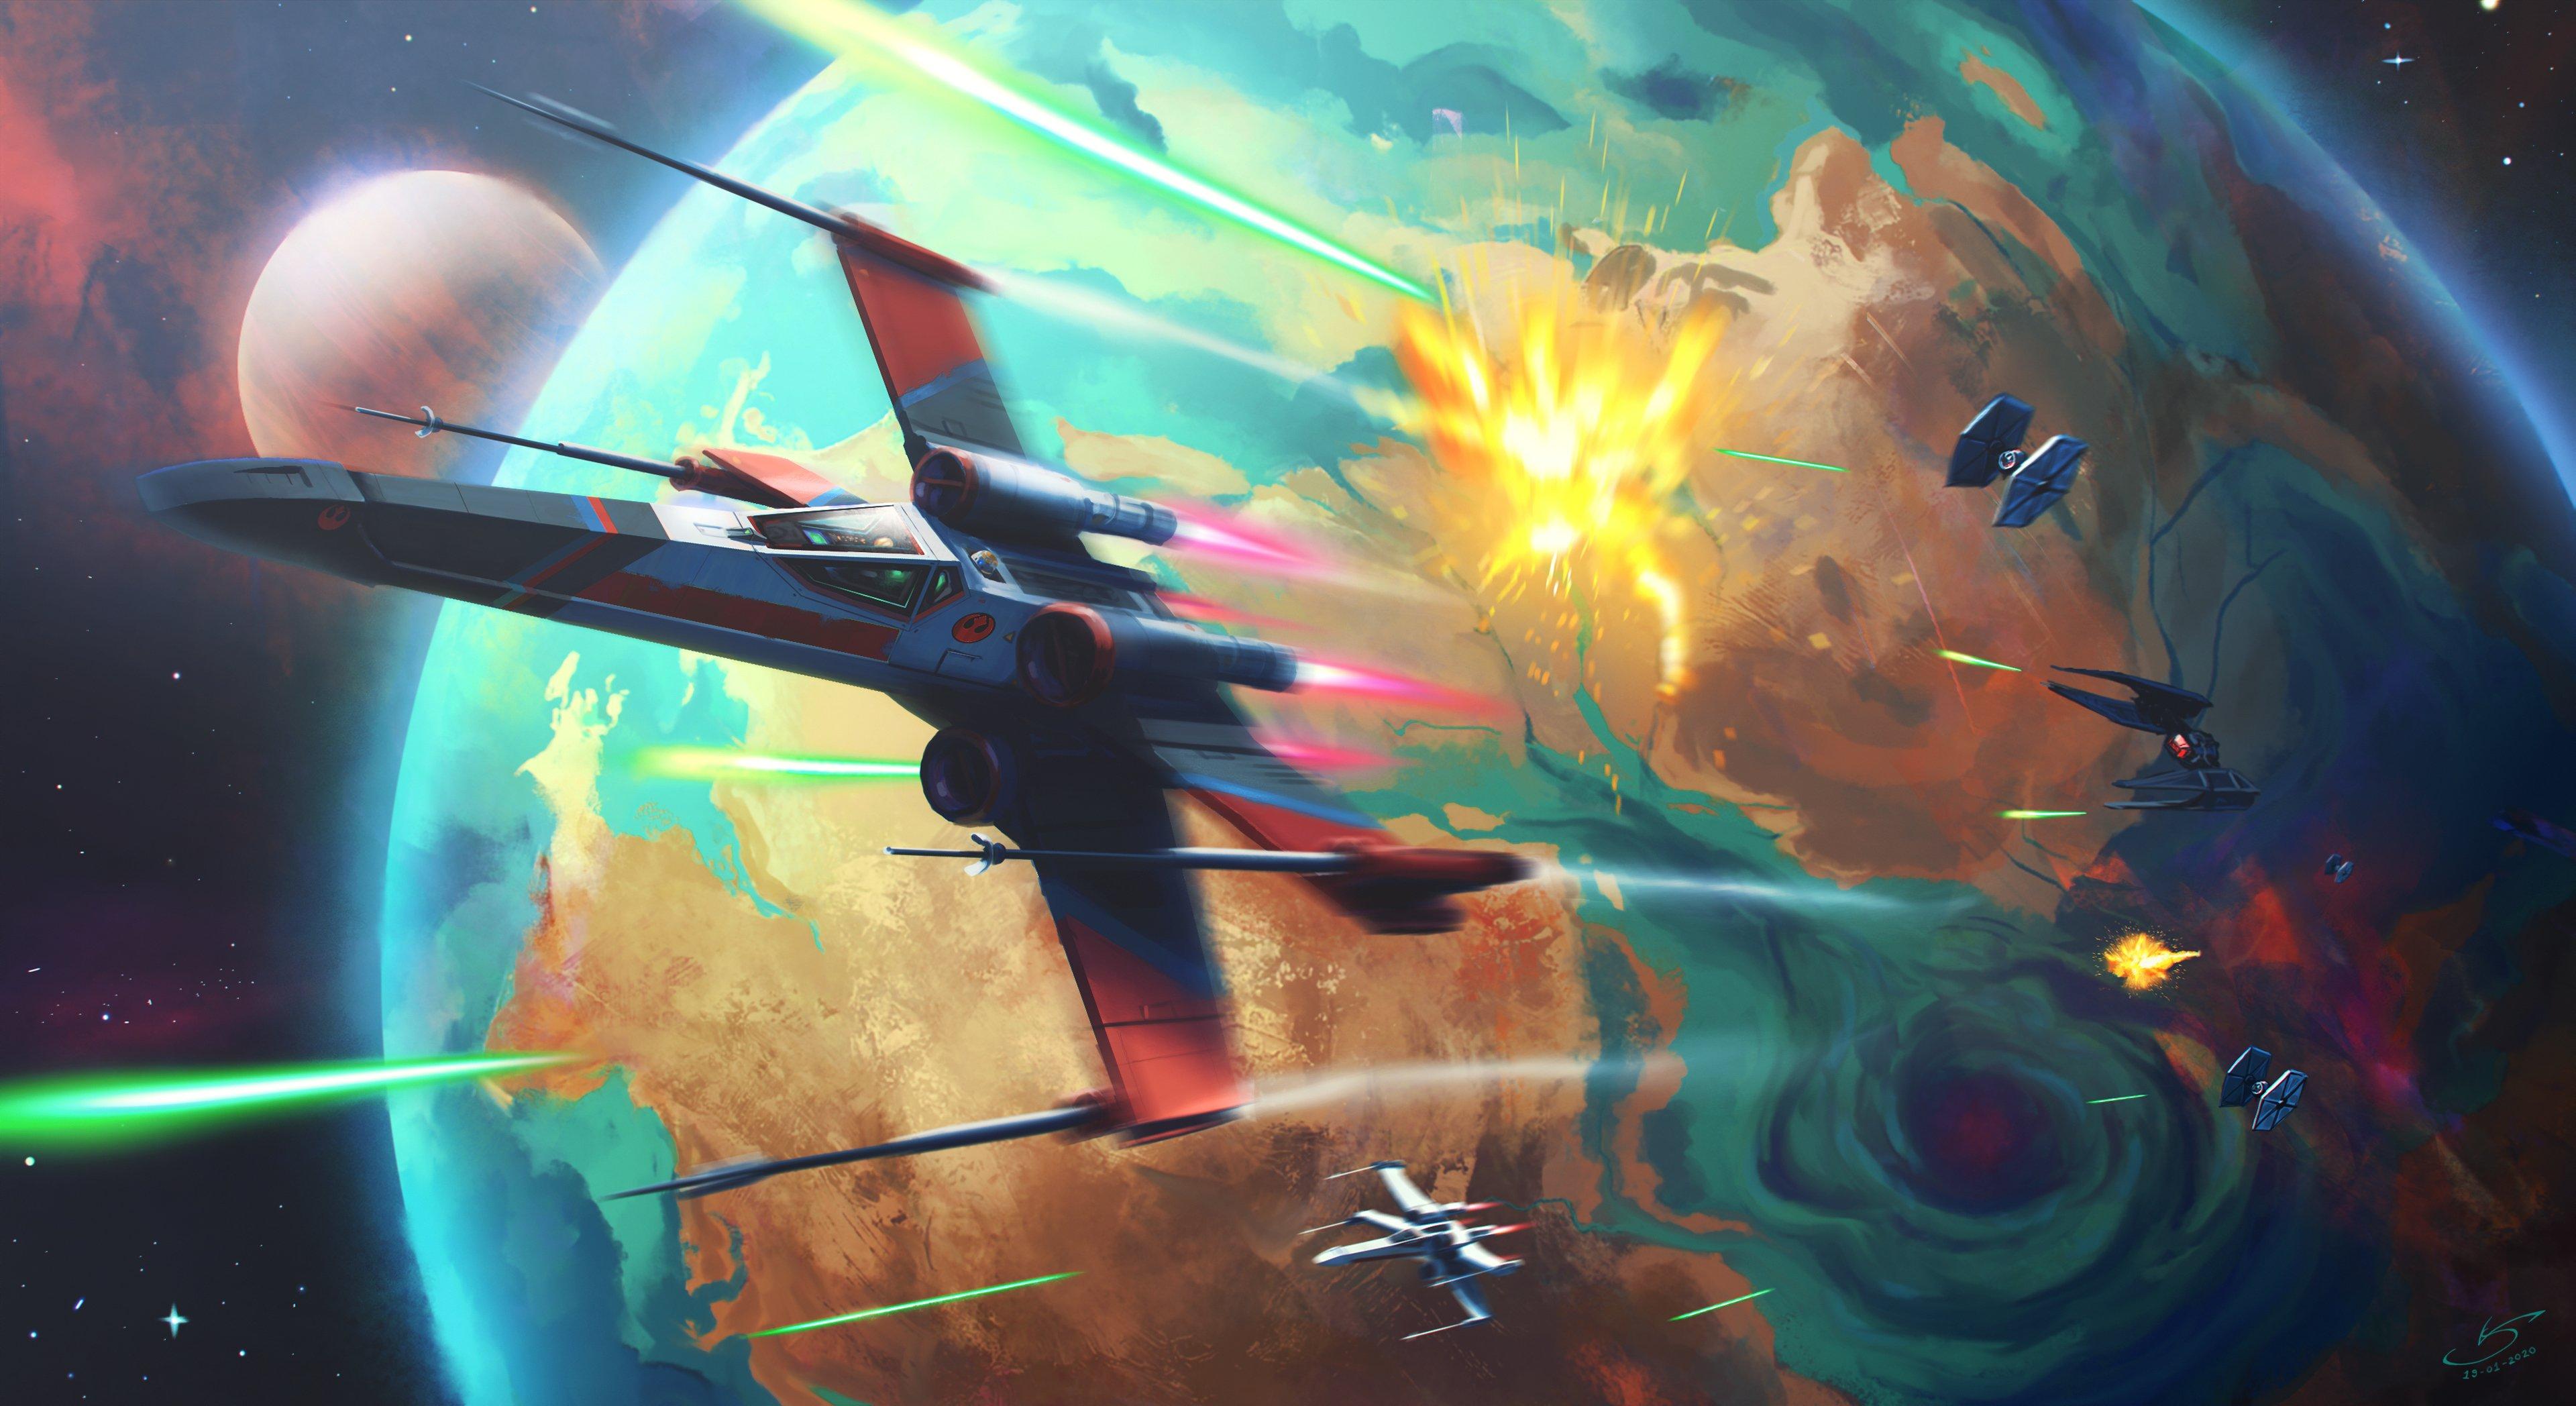 Fondos de pantalla Batalla en el espacio